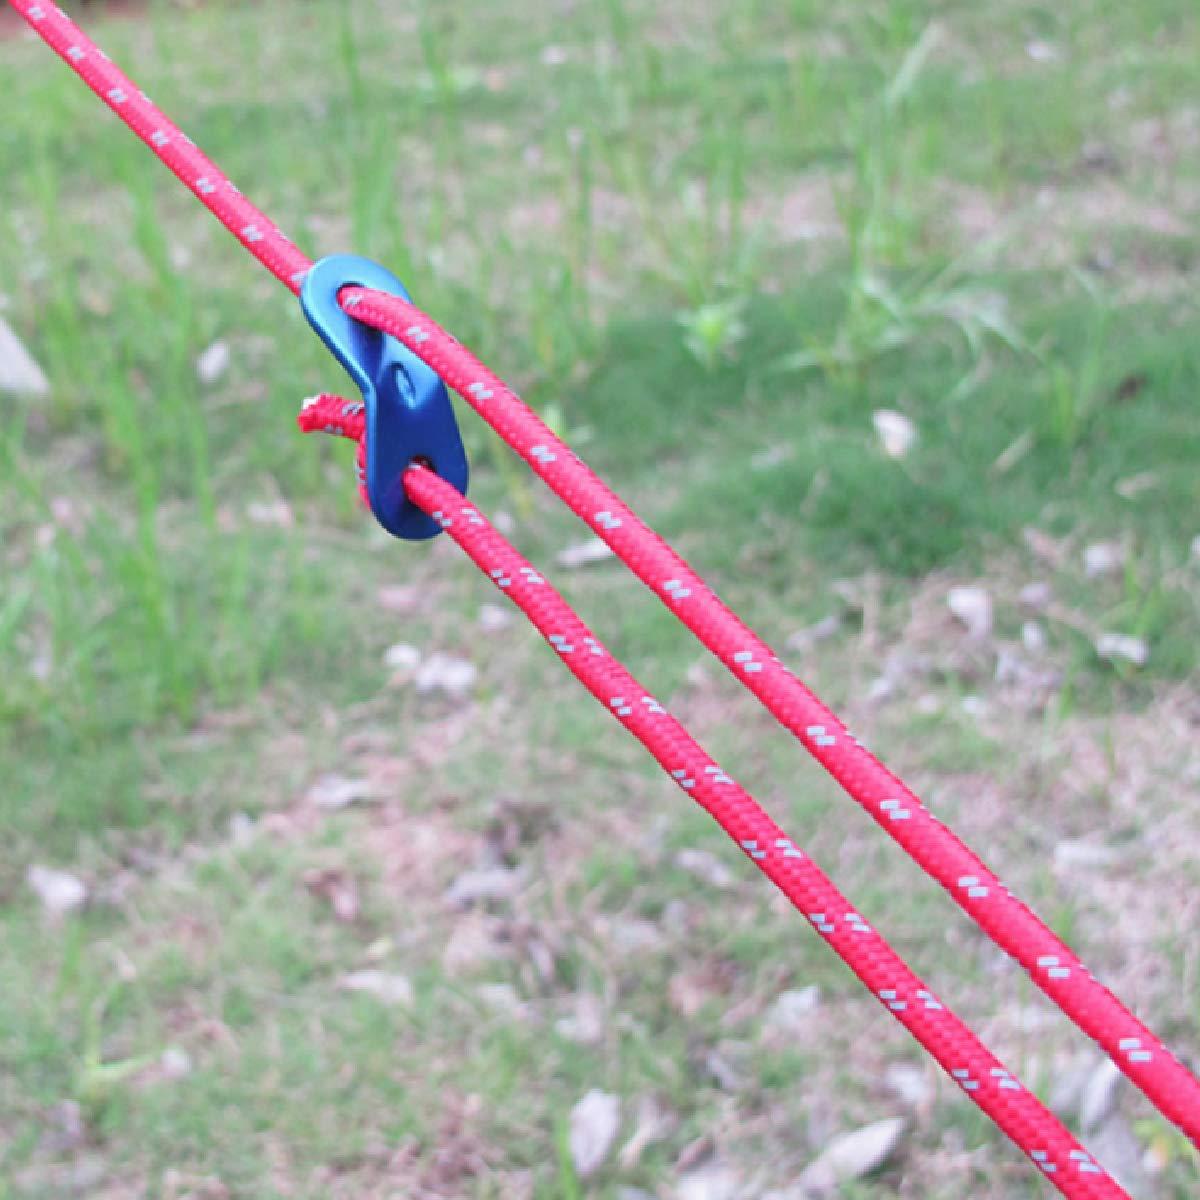 Paracordseil mit Seilspanner f/ür Zelt Zeltplane Camping Spannschnur TRIWONDER Reflektierend Abspannseile